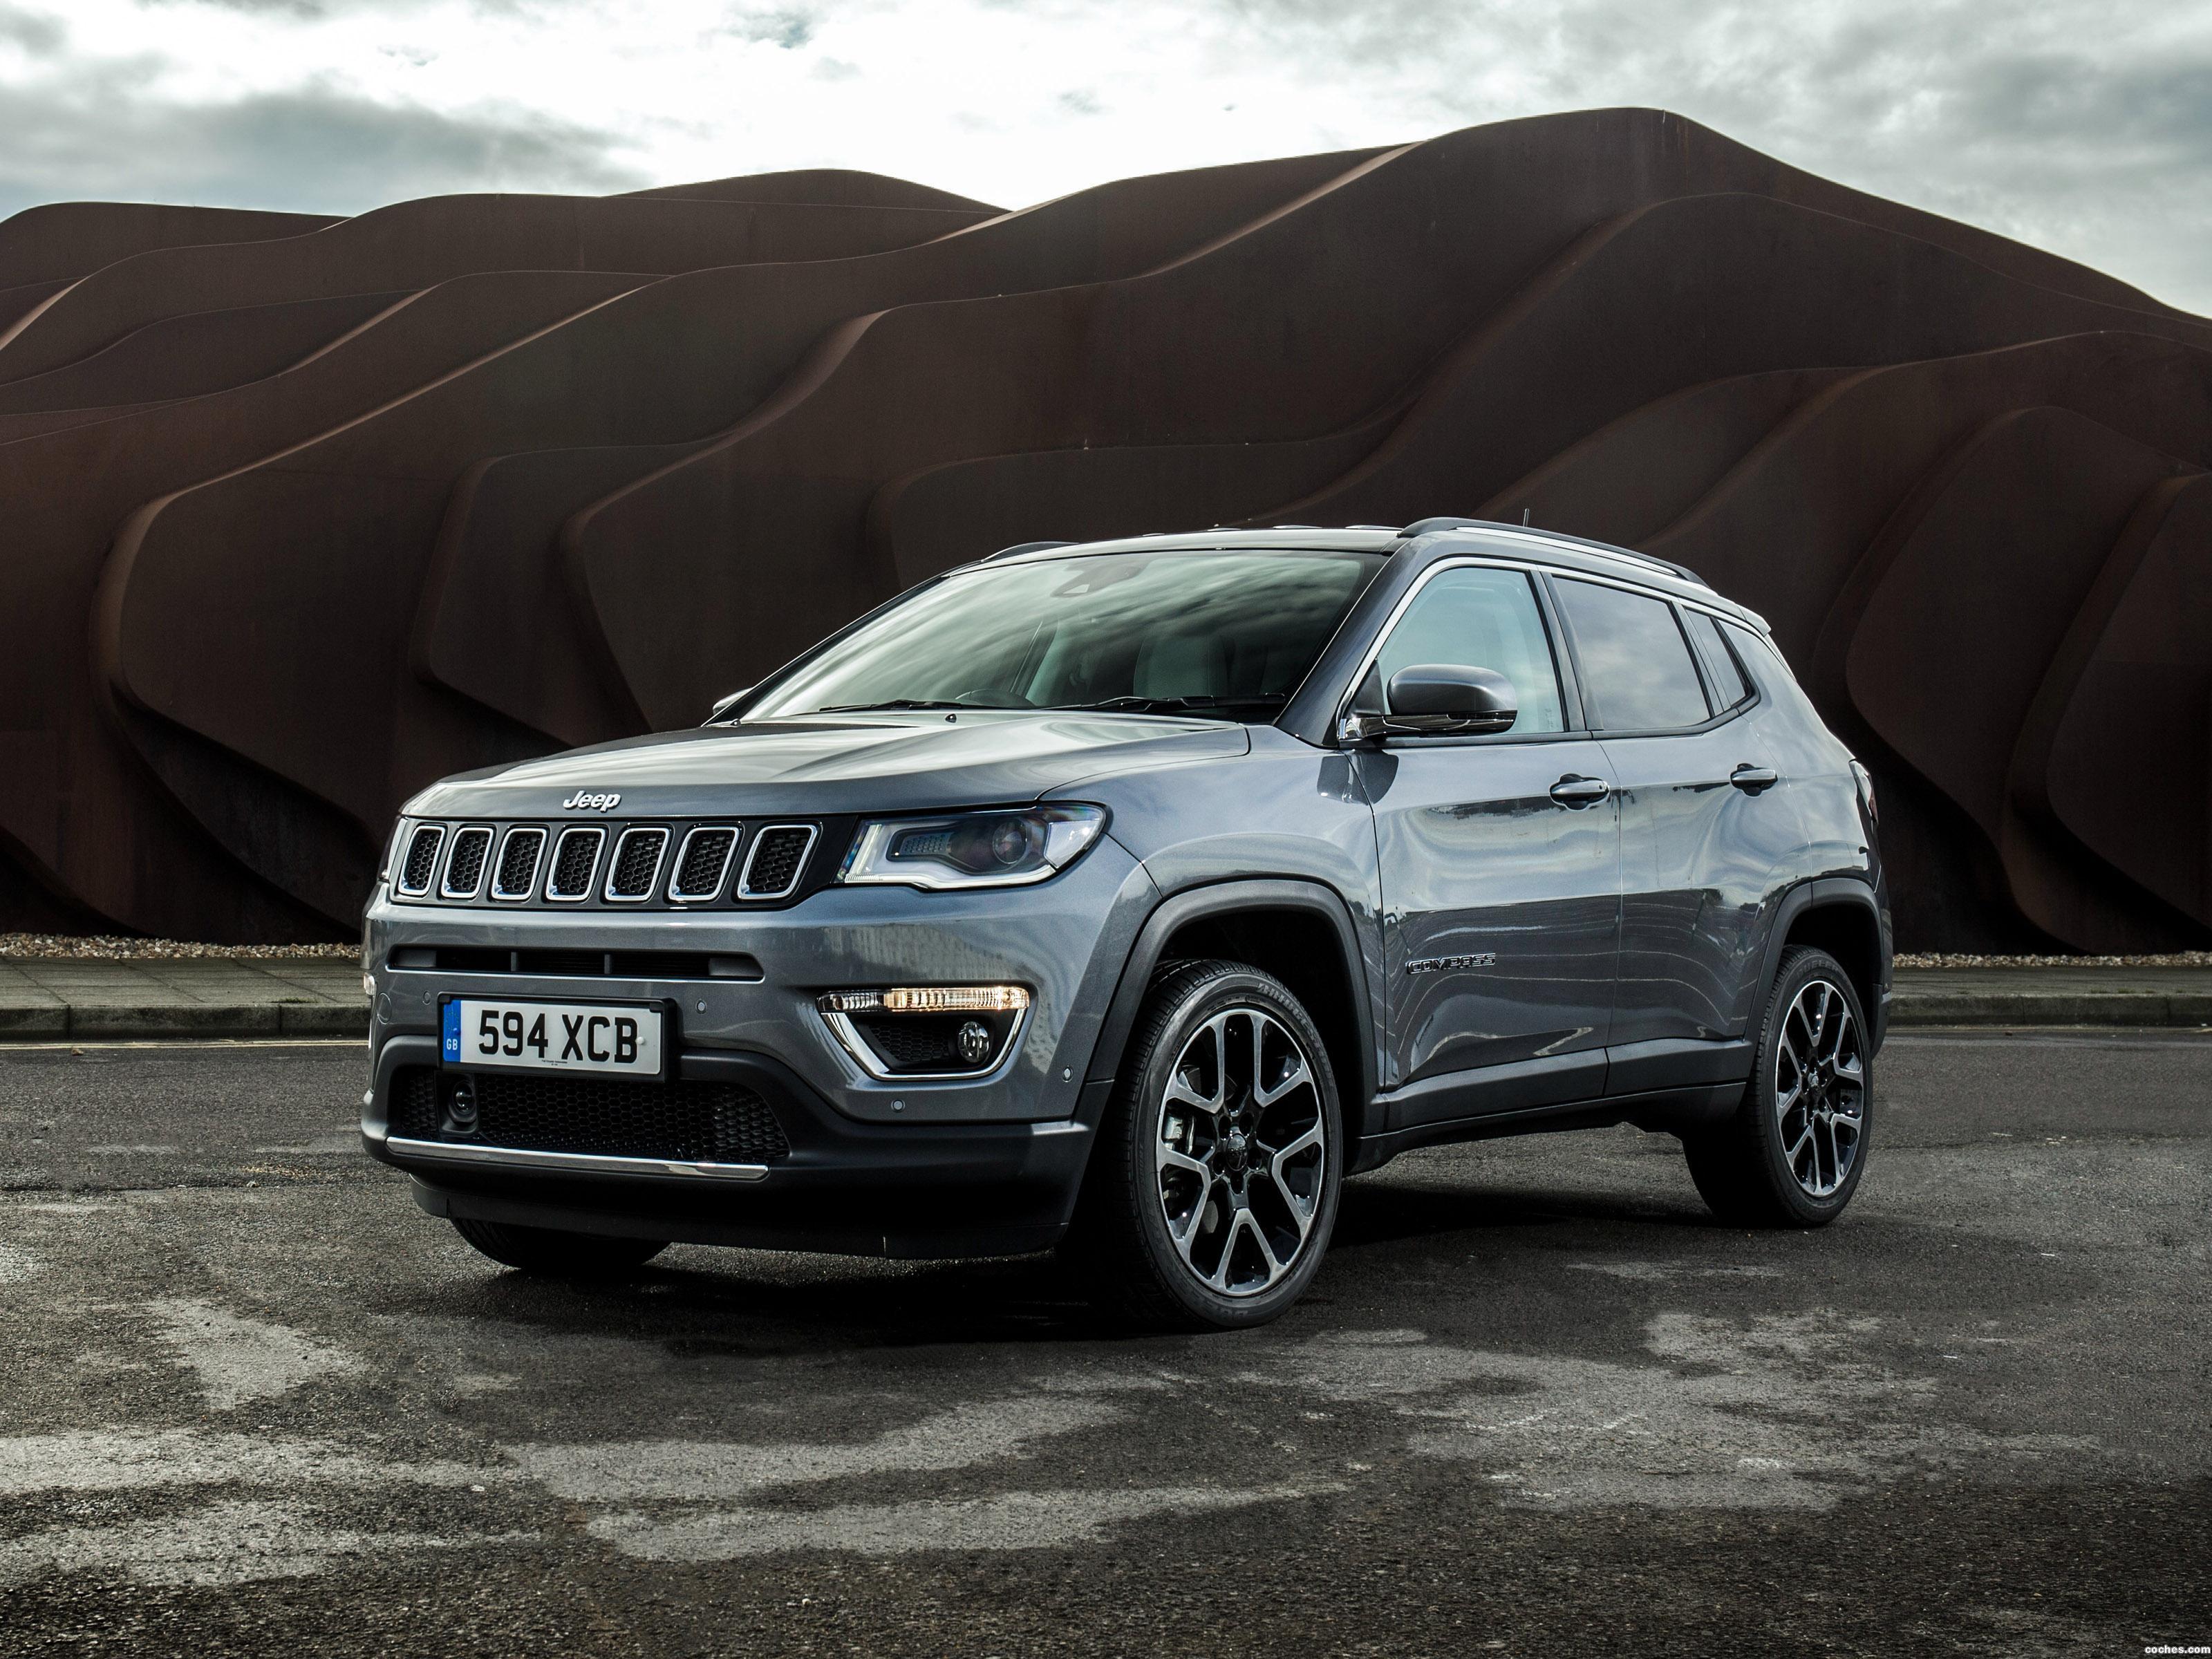 Foto 0 de Jeep Compass Limited UK 2018